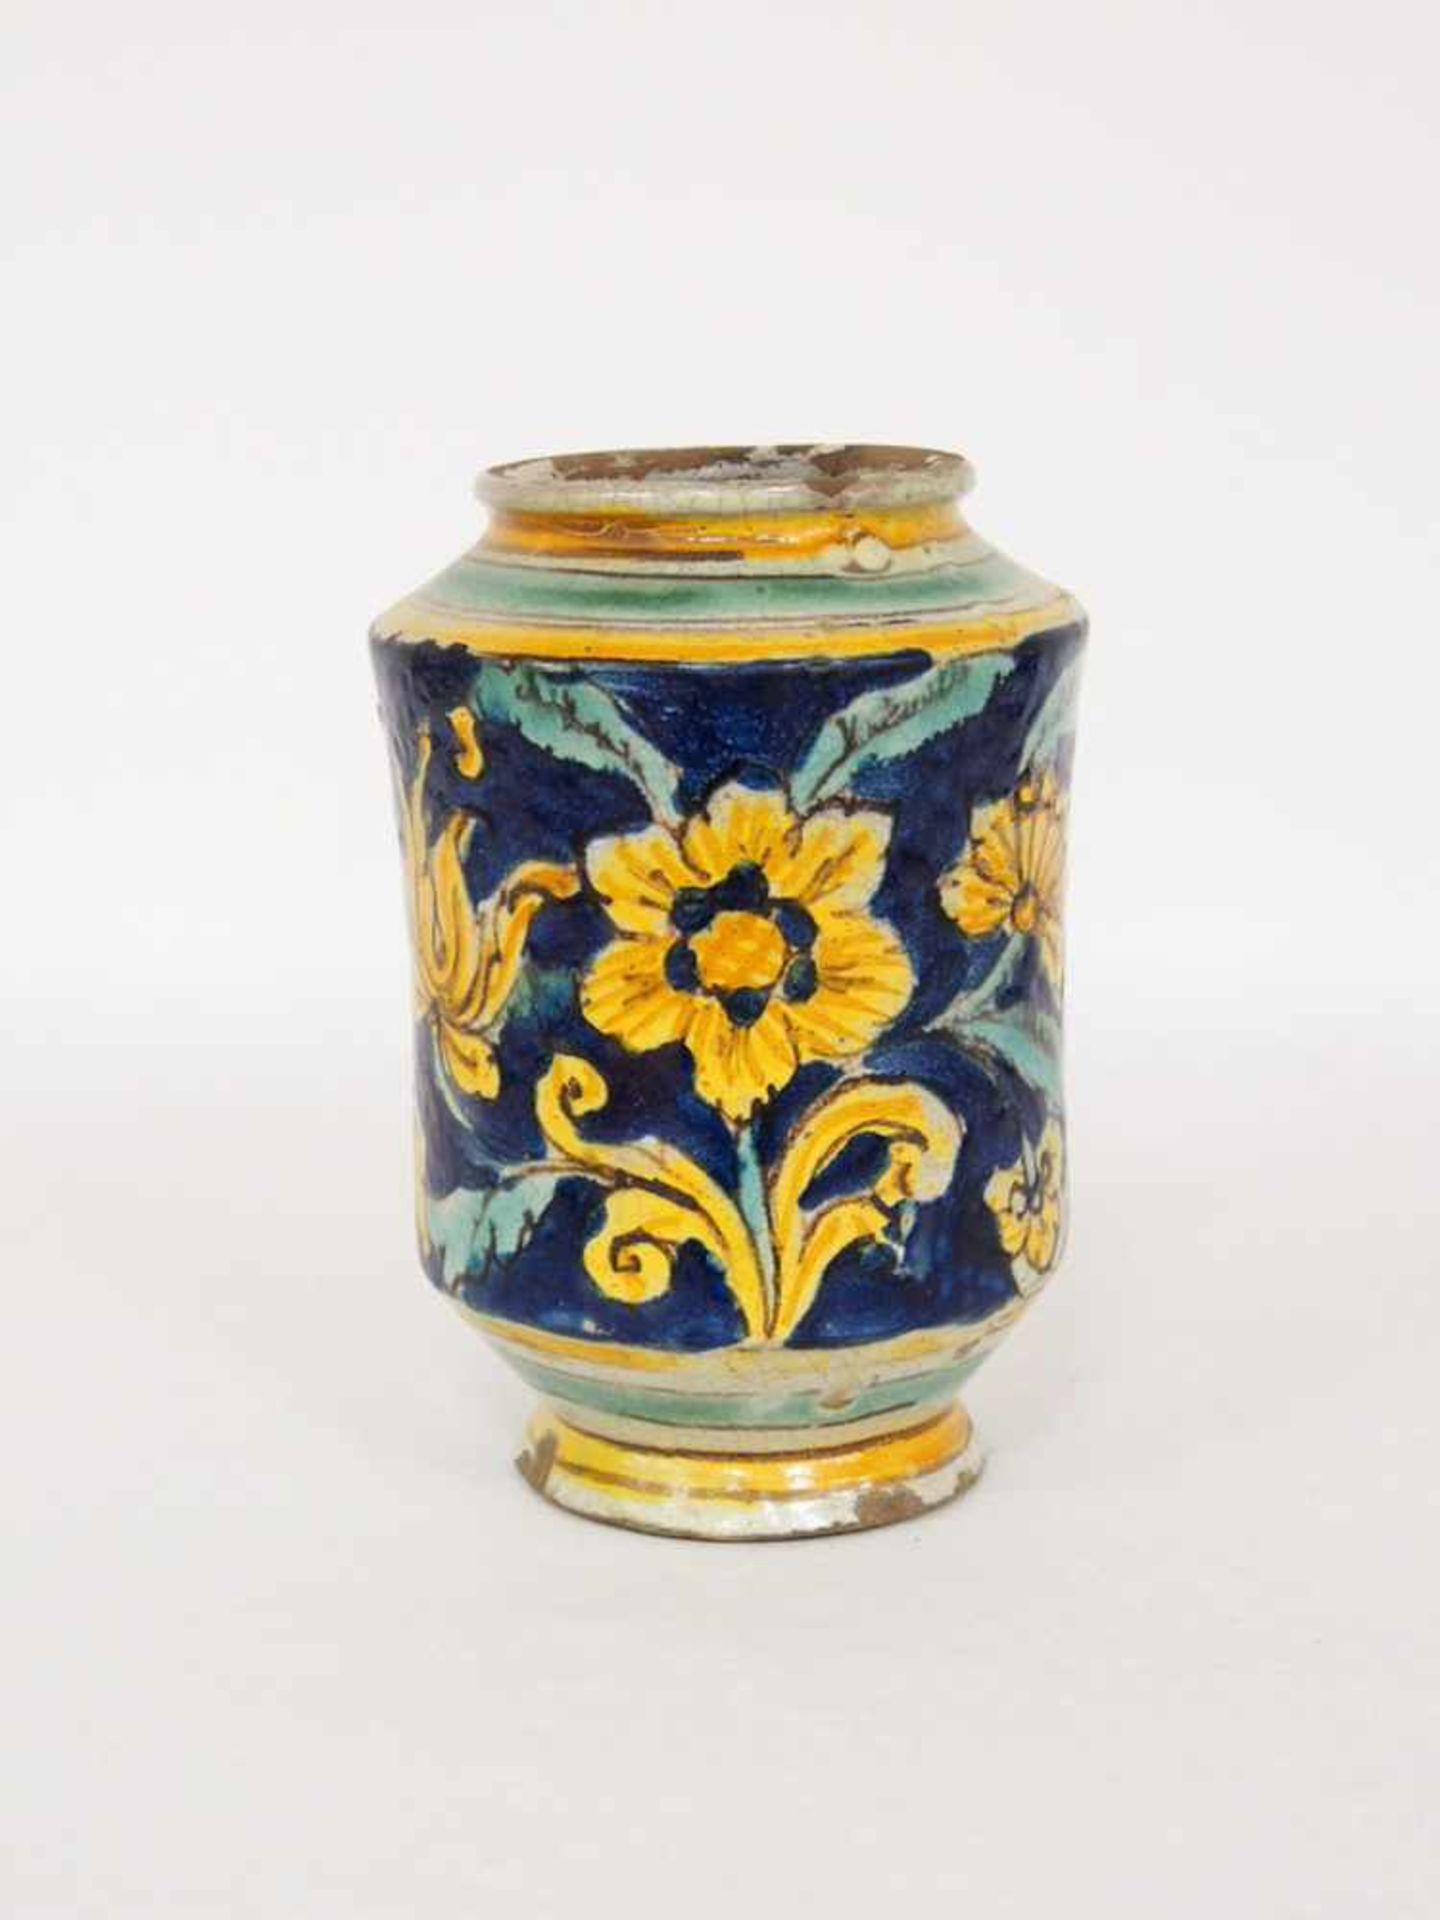 ApothekengefäßFayence, kobaldblauer Grund, Rankenwerk, Blumen, Caltagirone 18. Jahrhundert, Höhe